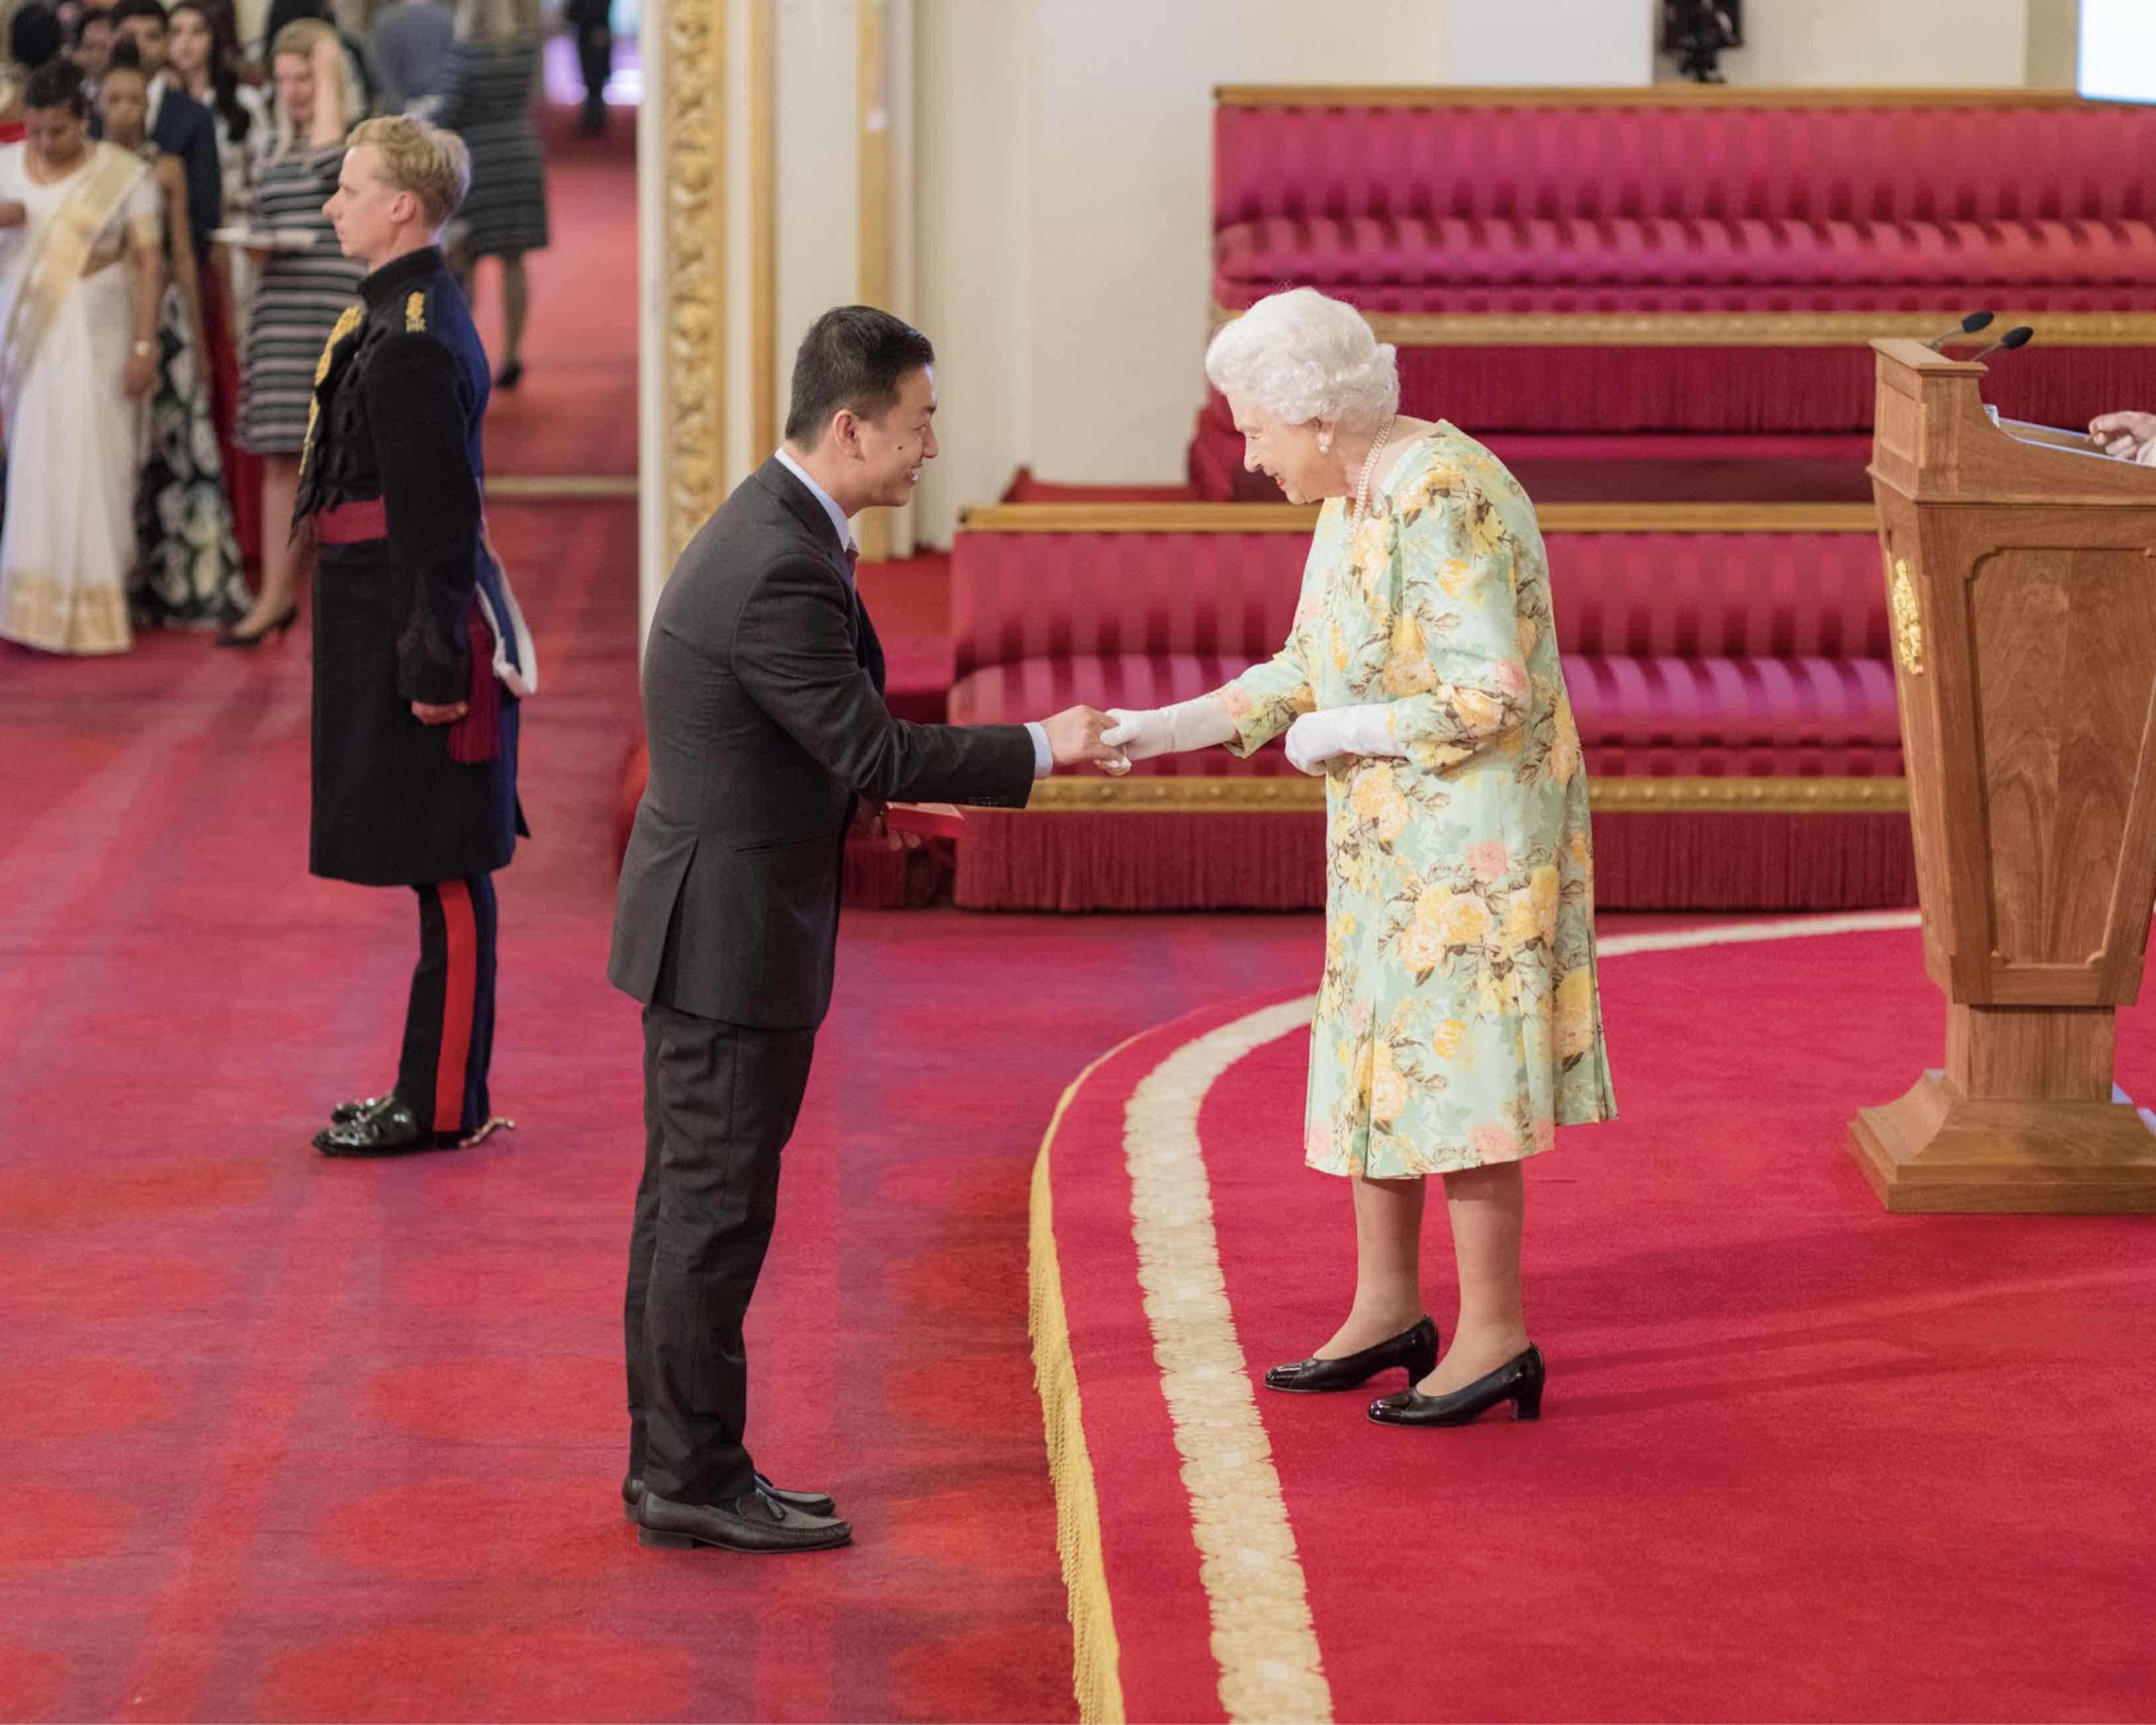 The Singaporean socialentrepreneur who met the queen